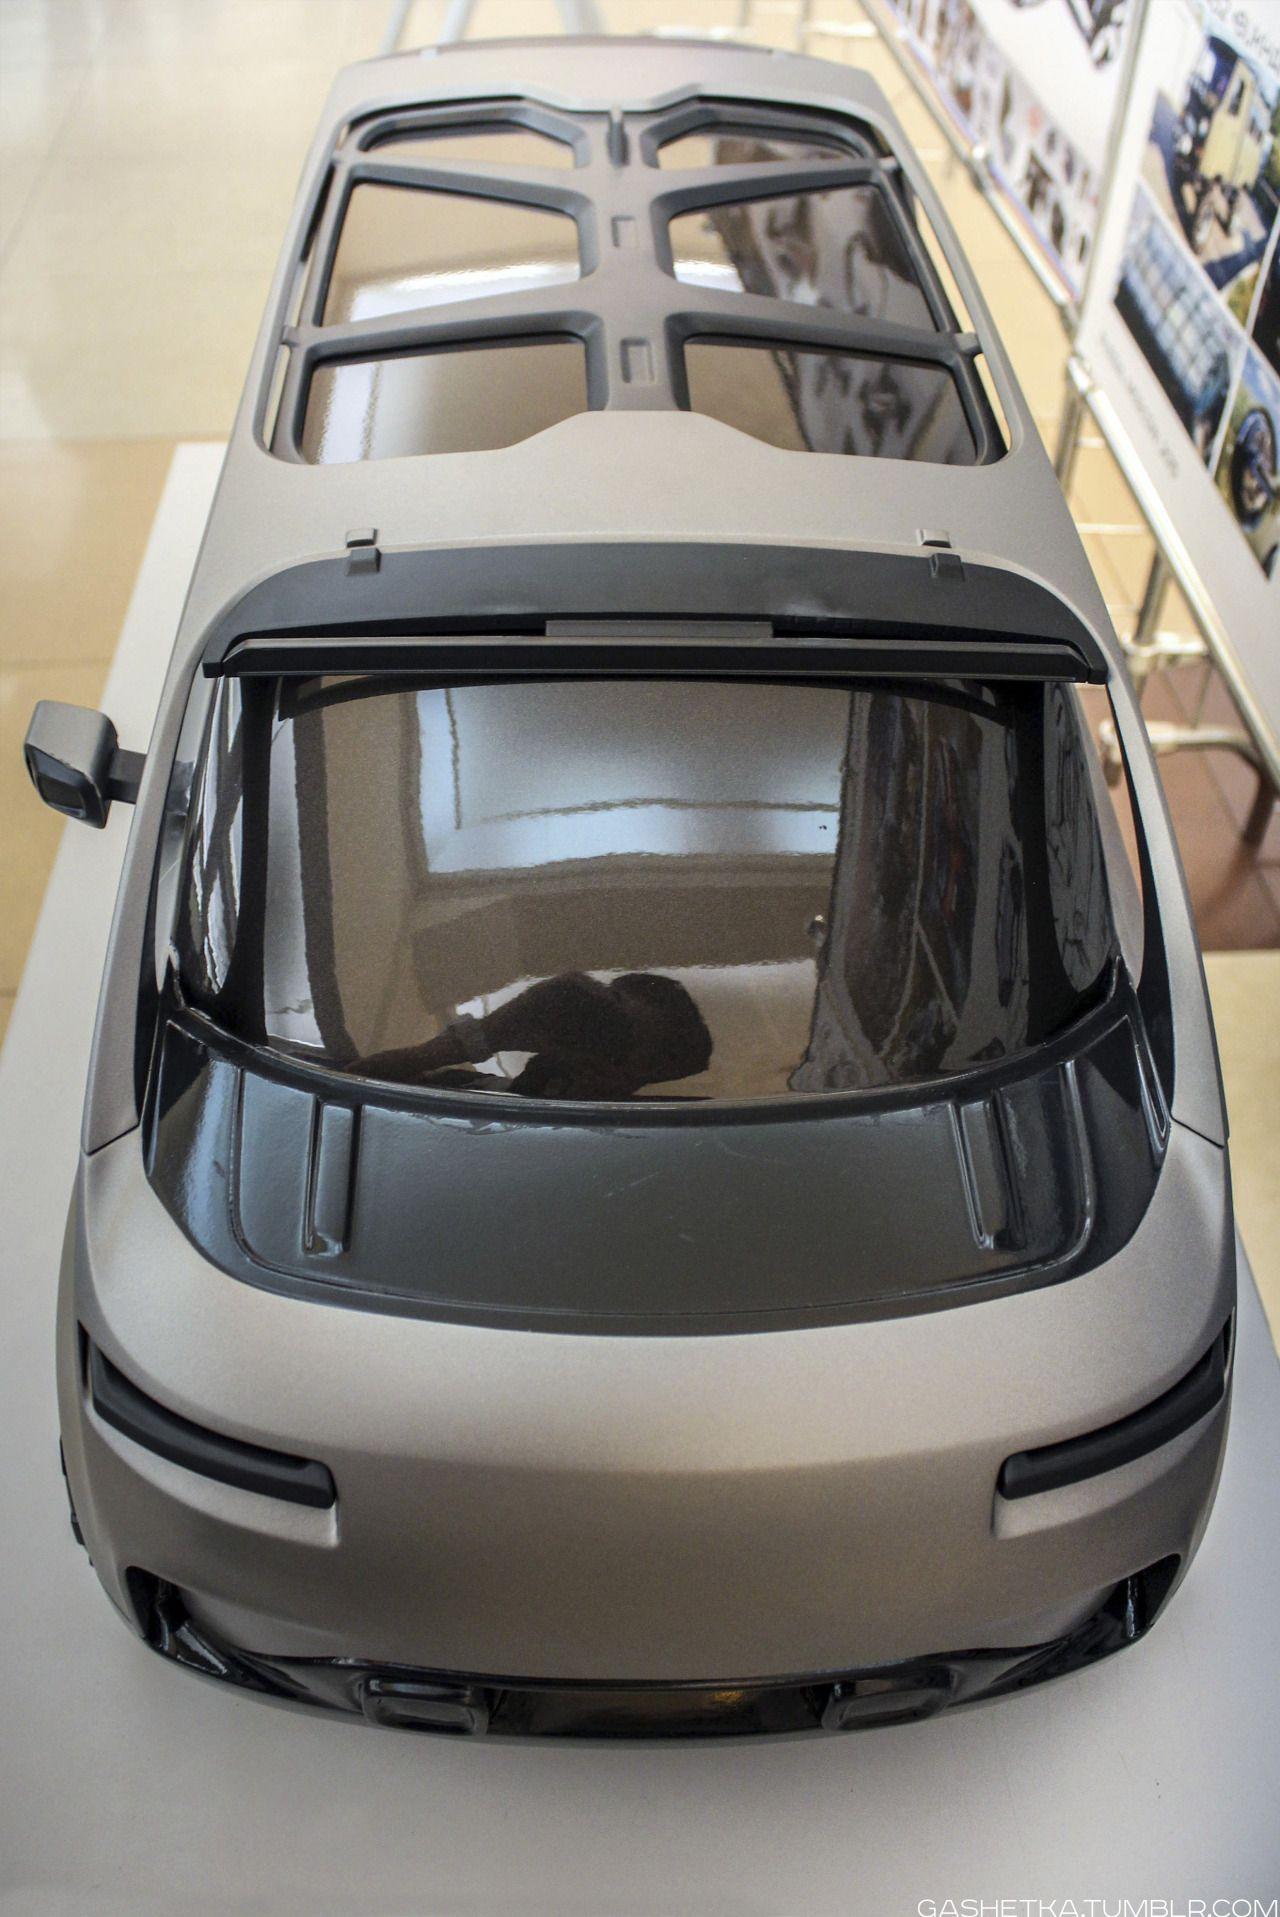 Gashetka Mini Van Futuristic Cars Transportation Design